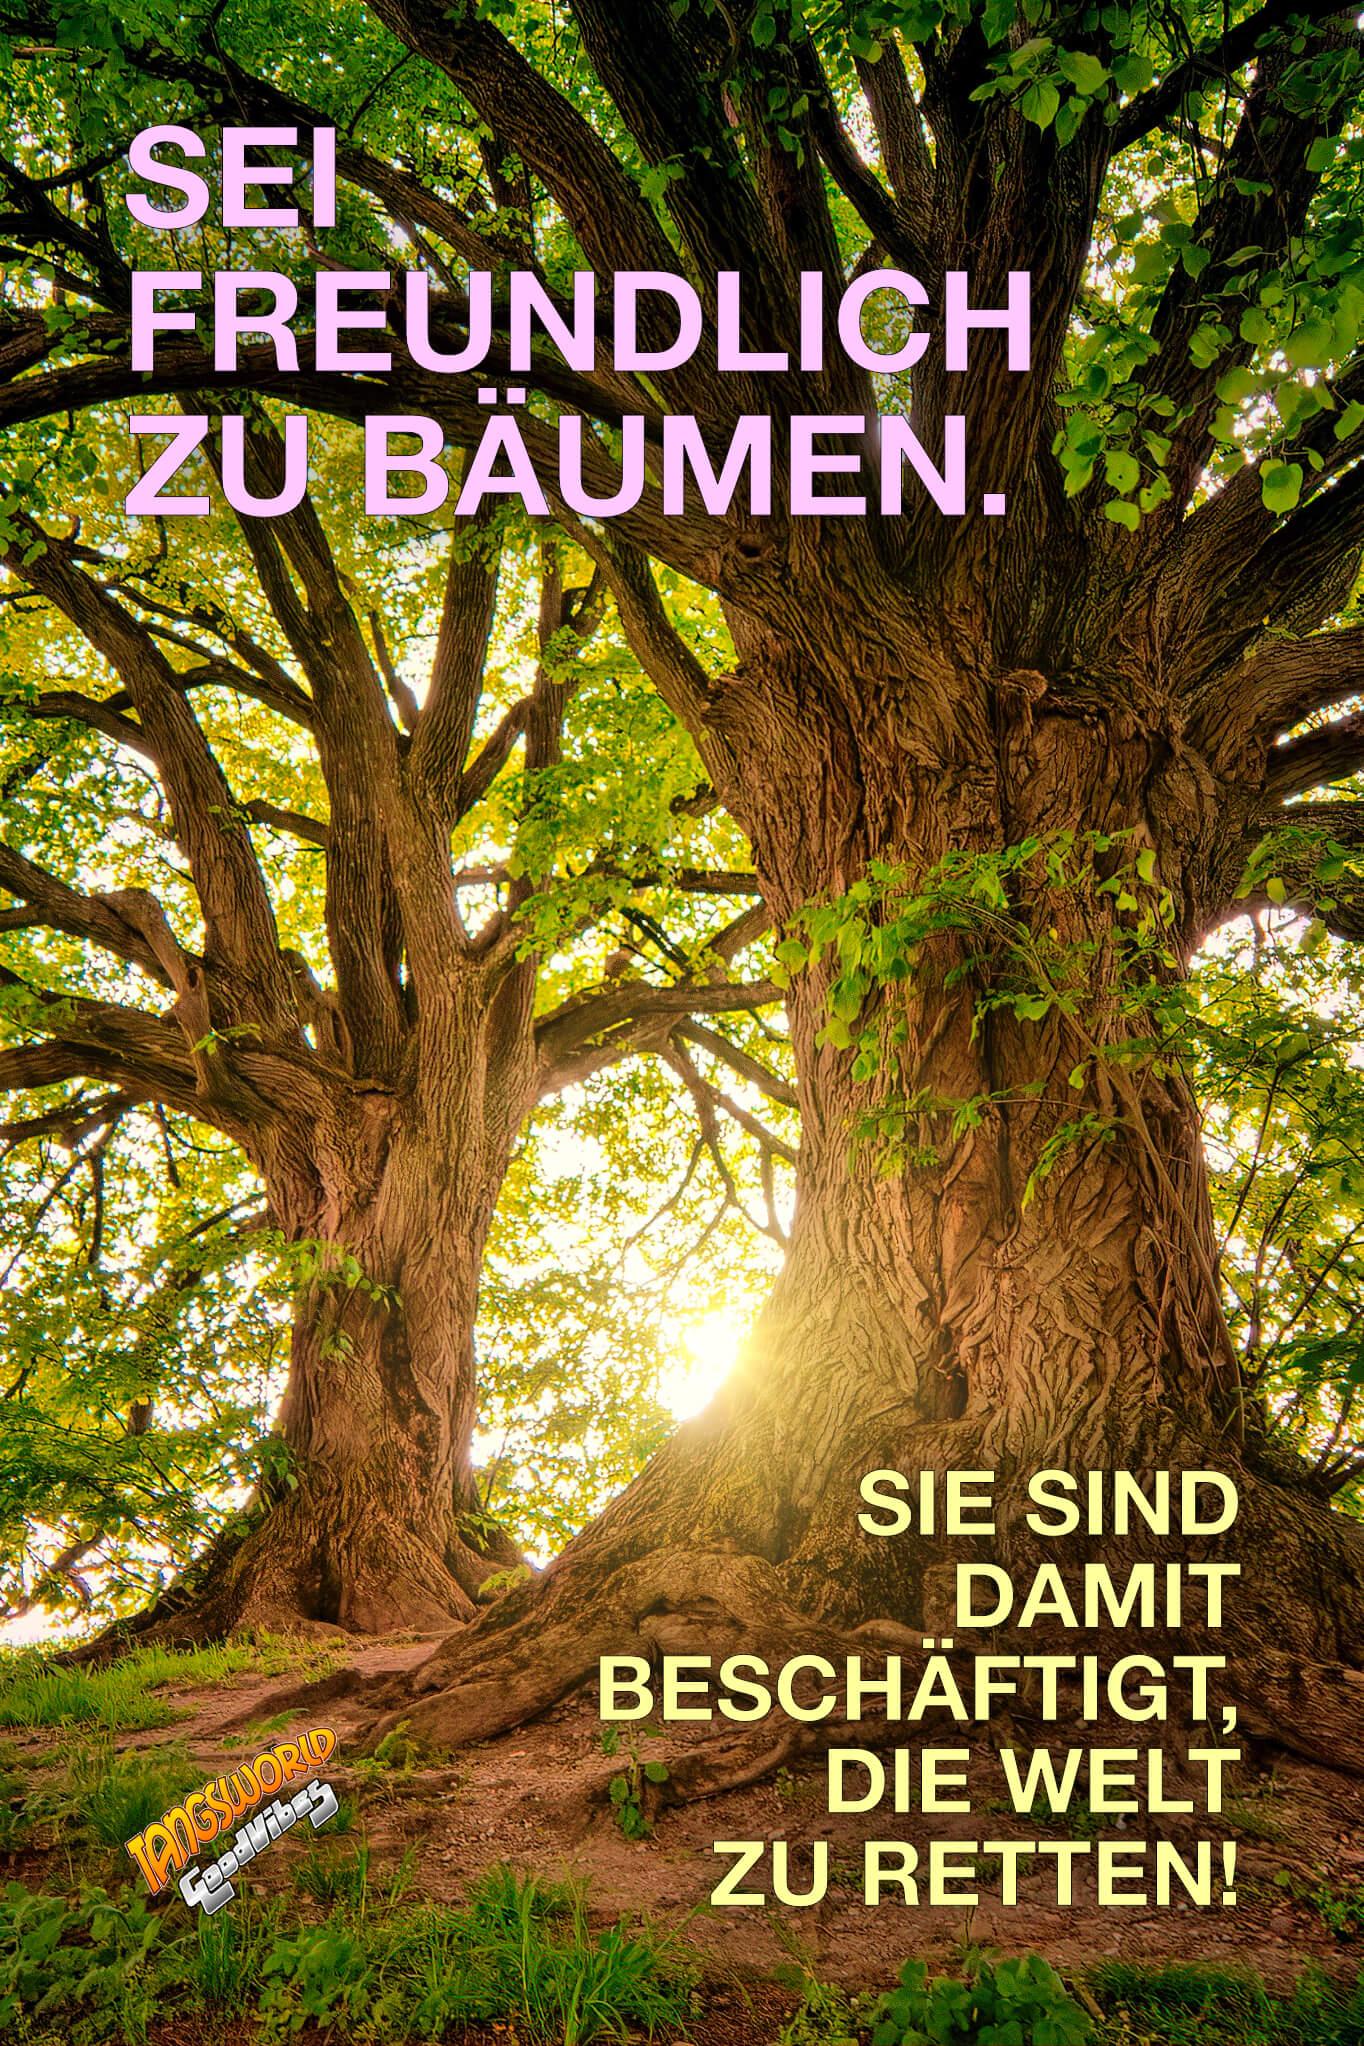 Sei freundlich zu Bäumen. Sie sind damit beschäftigt, die Welt zu retten! - GoodVibes